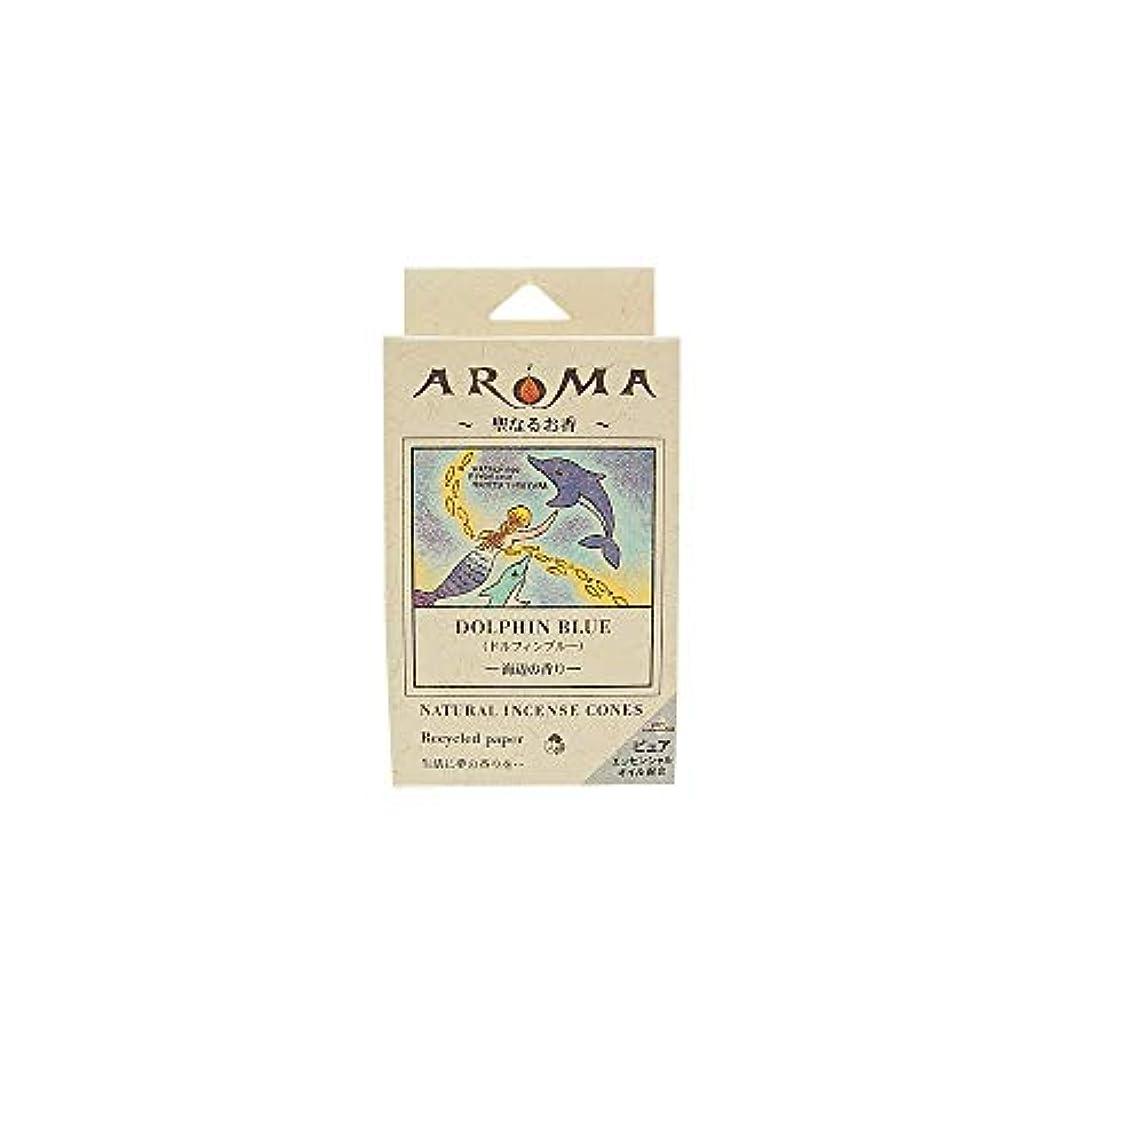 ブロック悪質な修道院アロマ香 ドルフィンブルー 16粒(コーンタイプインセンス 1粒の燃焼時間約20分 海辺の香り)